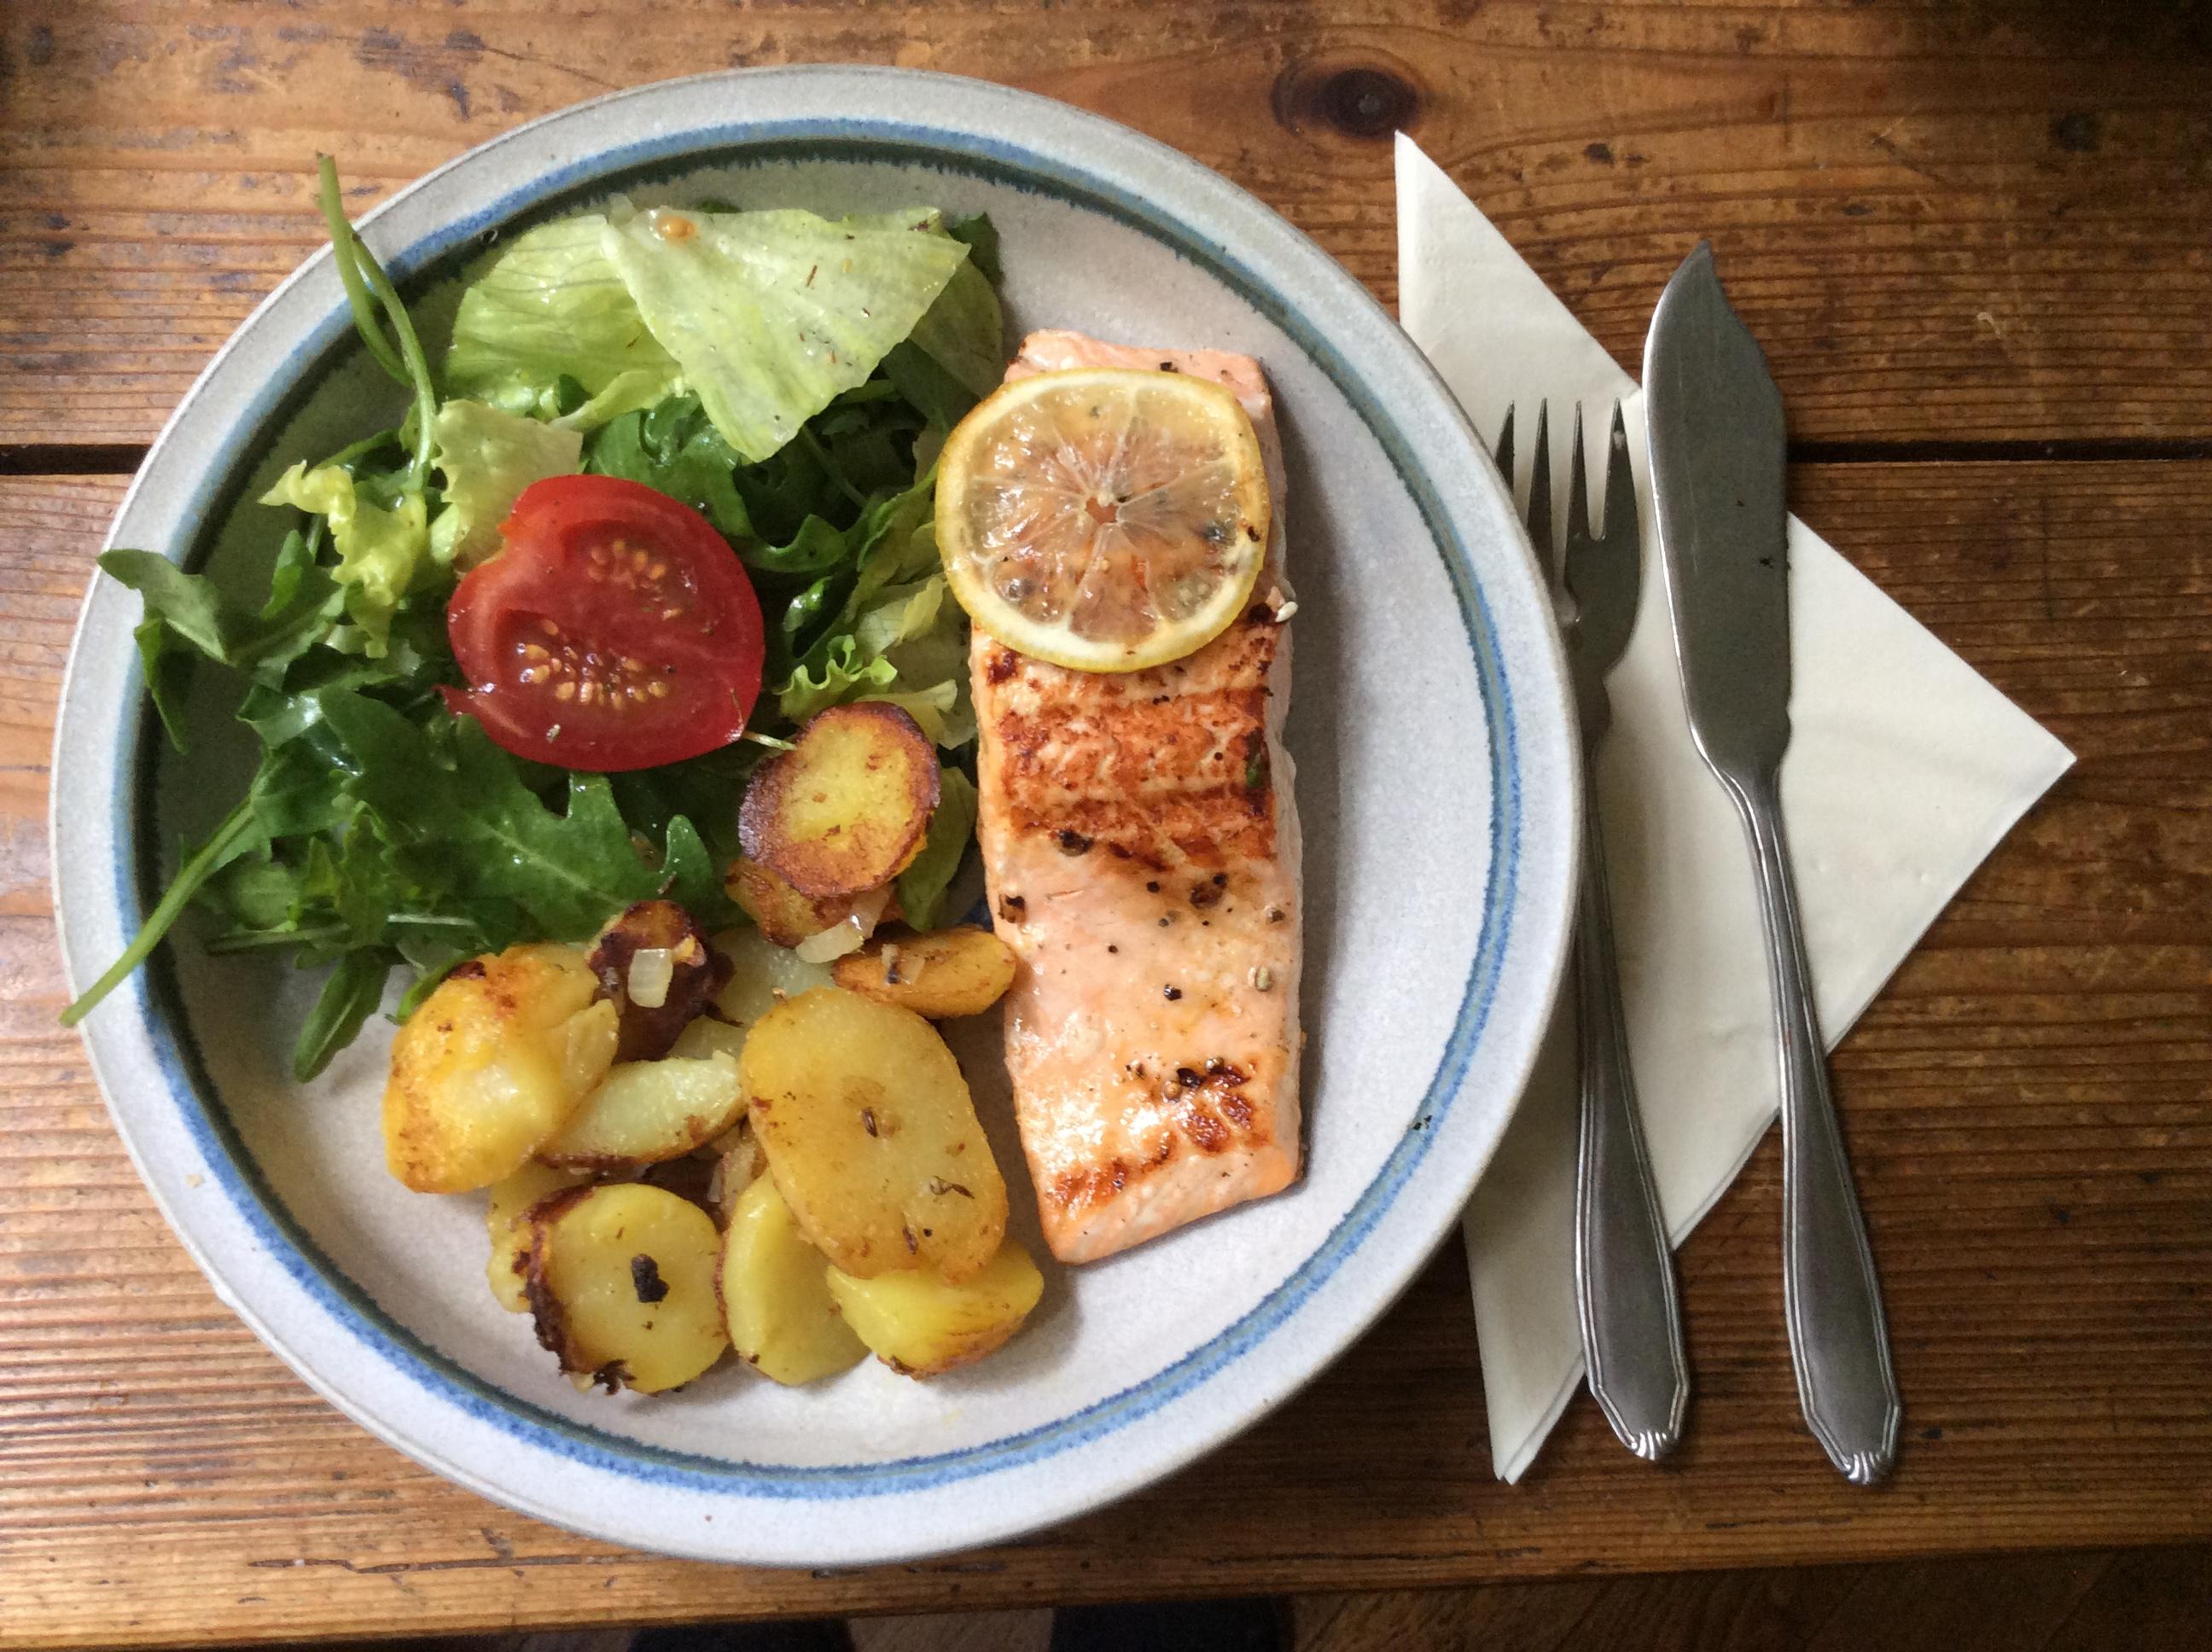 Lachs,Bratkartoffel,Salat. - 28.8.15   (1)